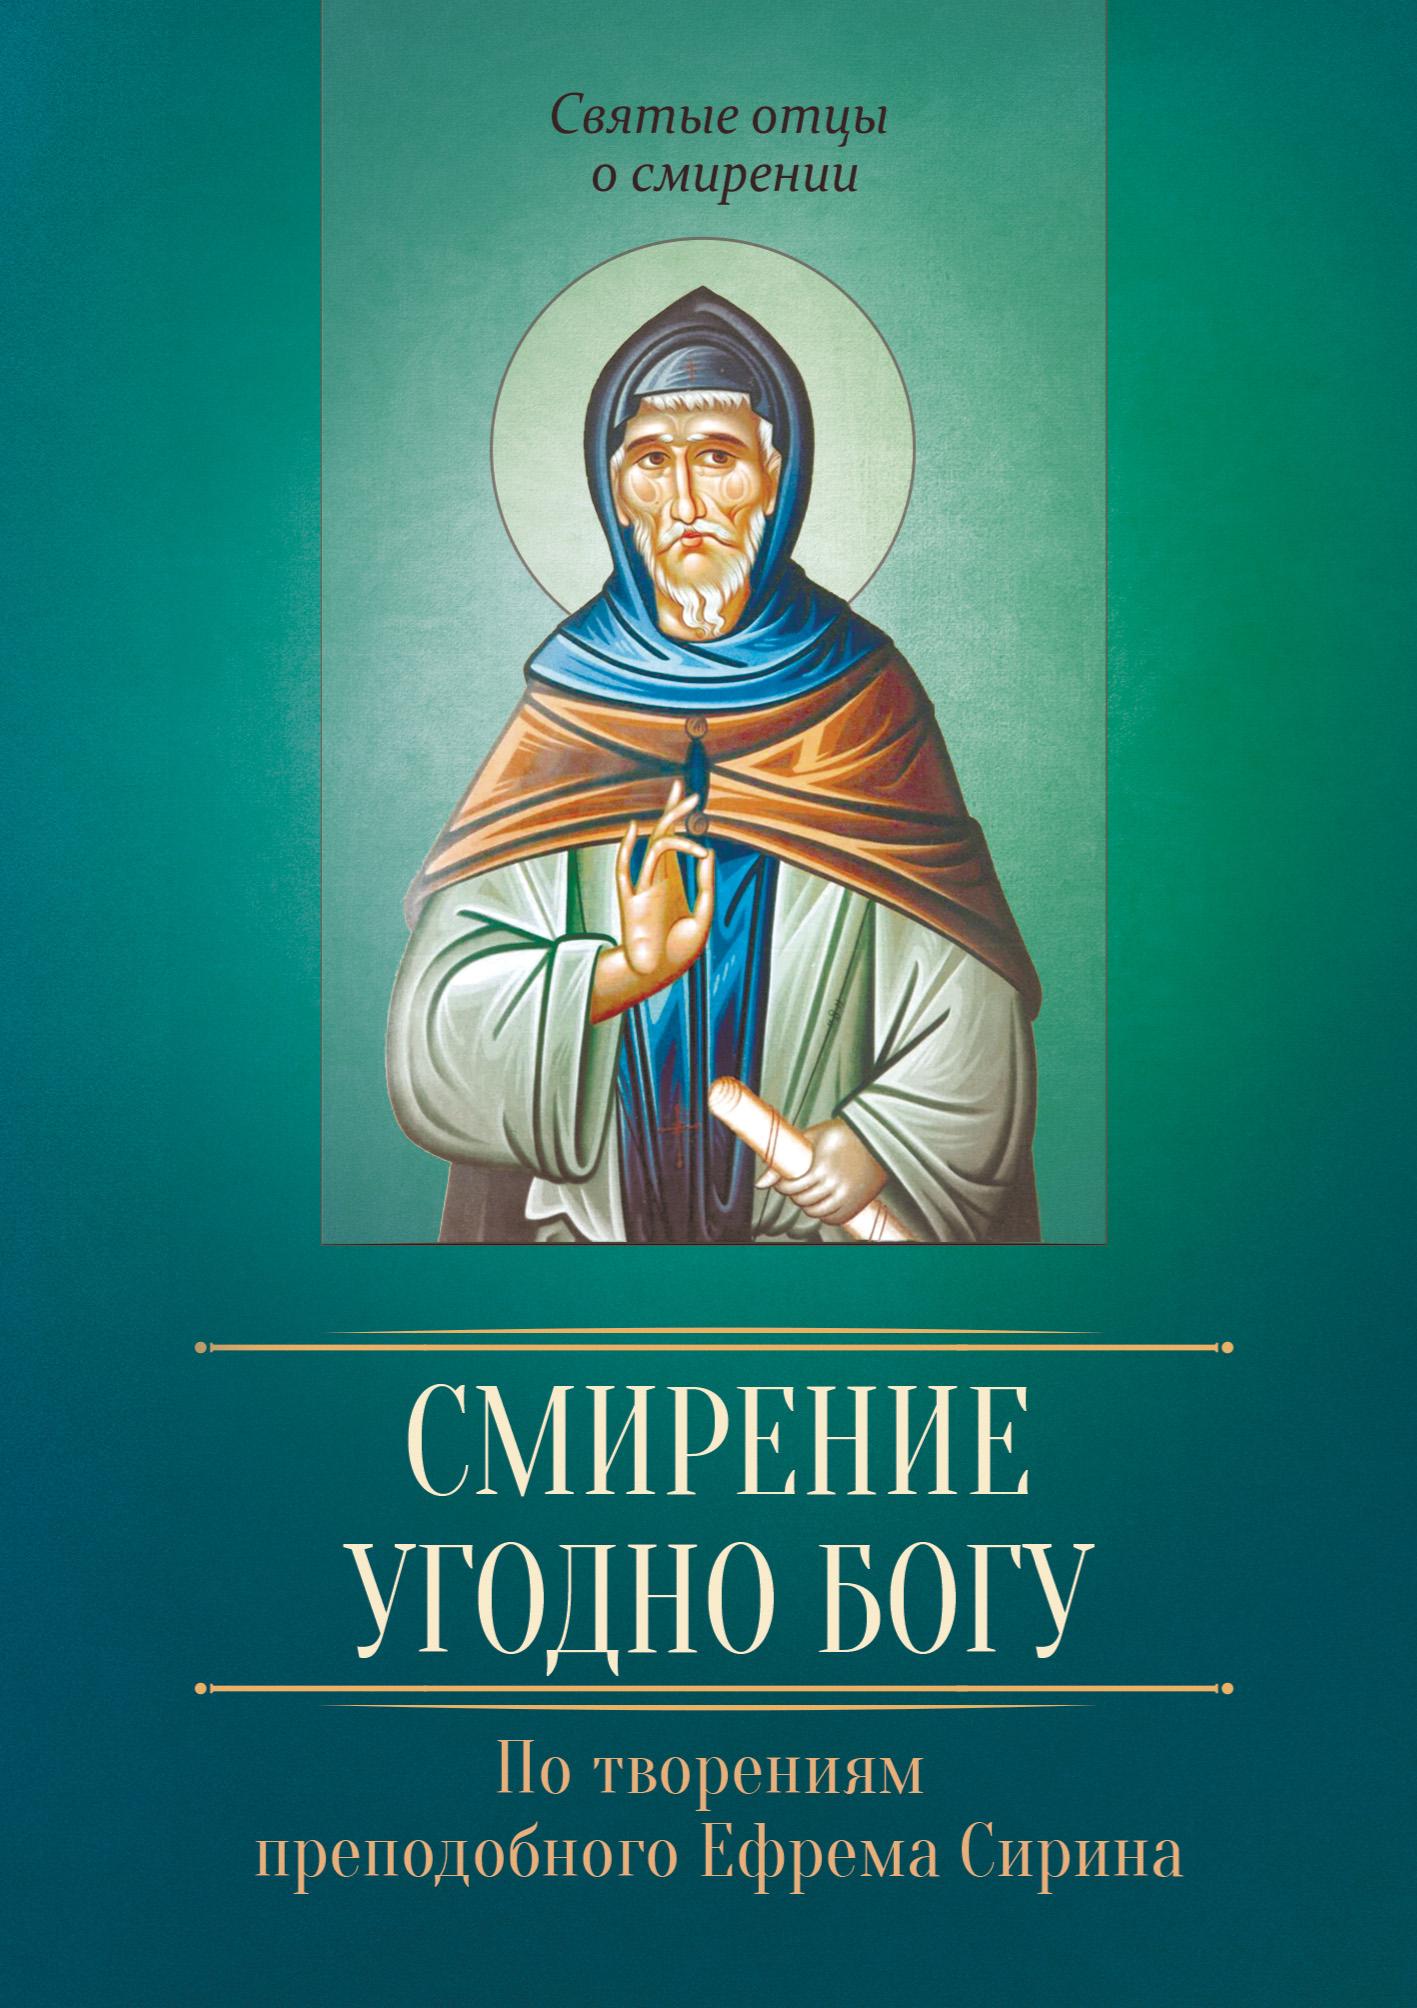 Кротость и смирение в православии